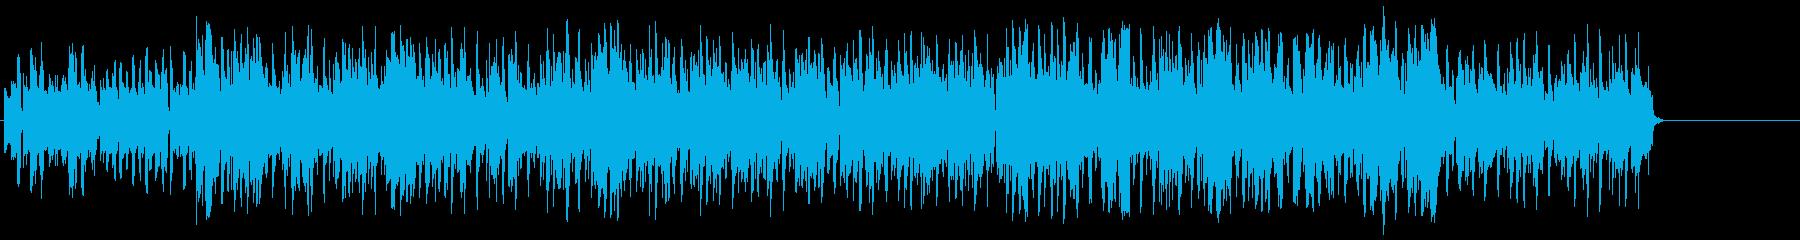 軽快でファンキーなポップ/テクノの再生済みの波形